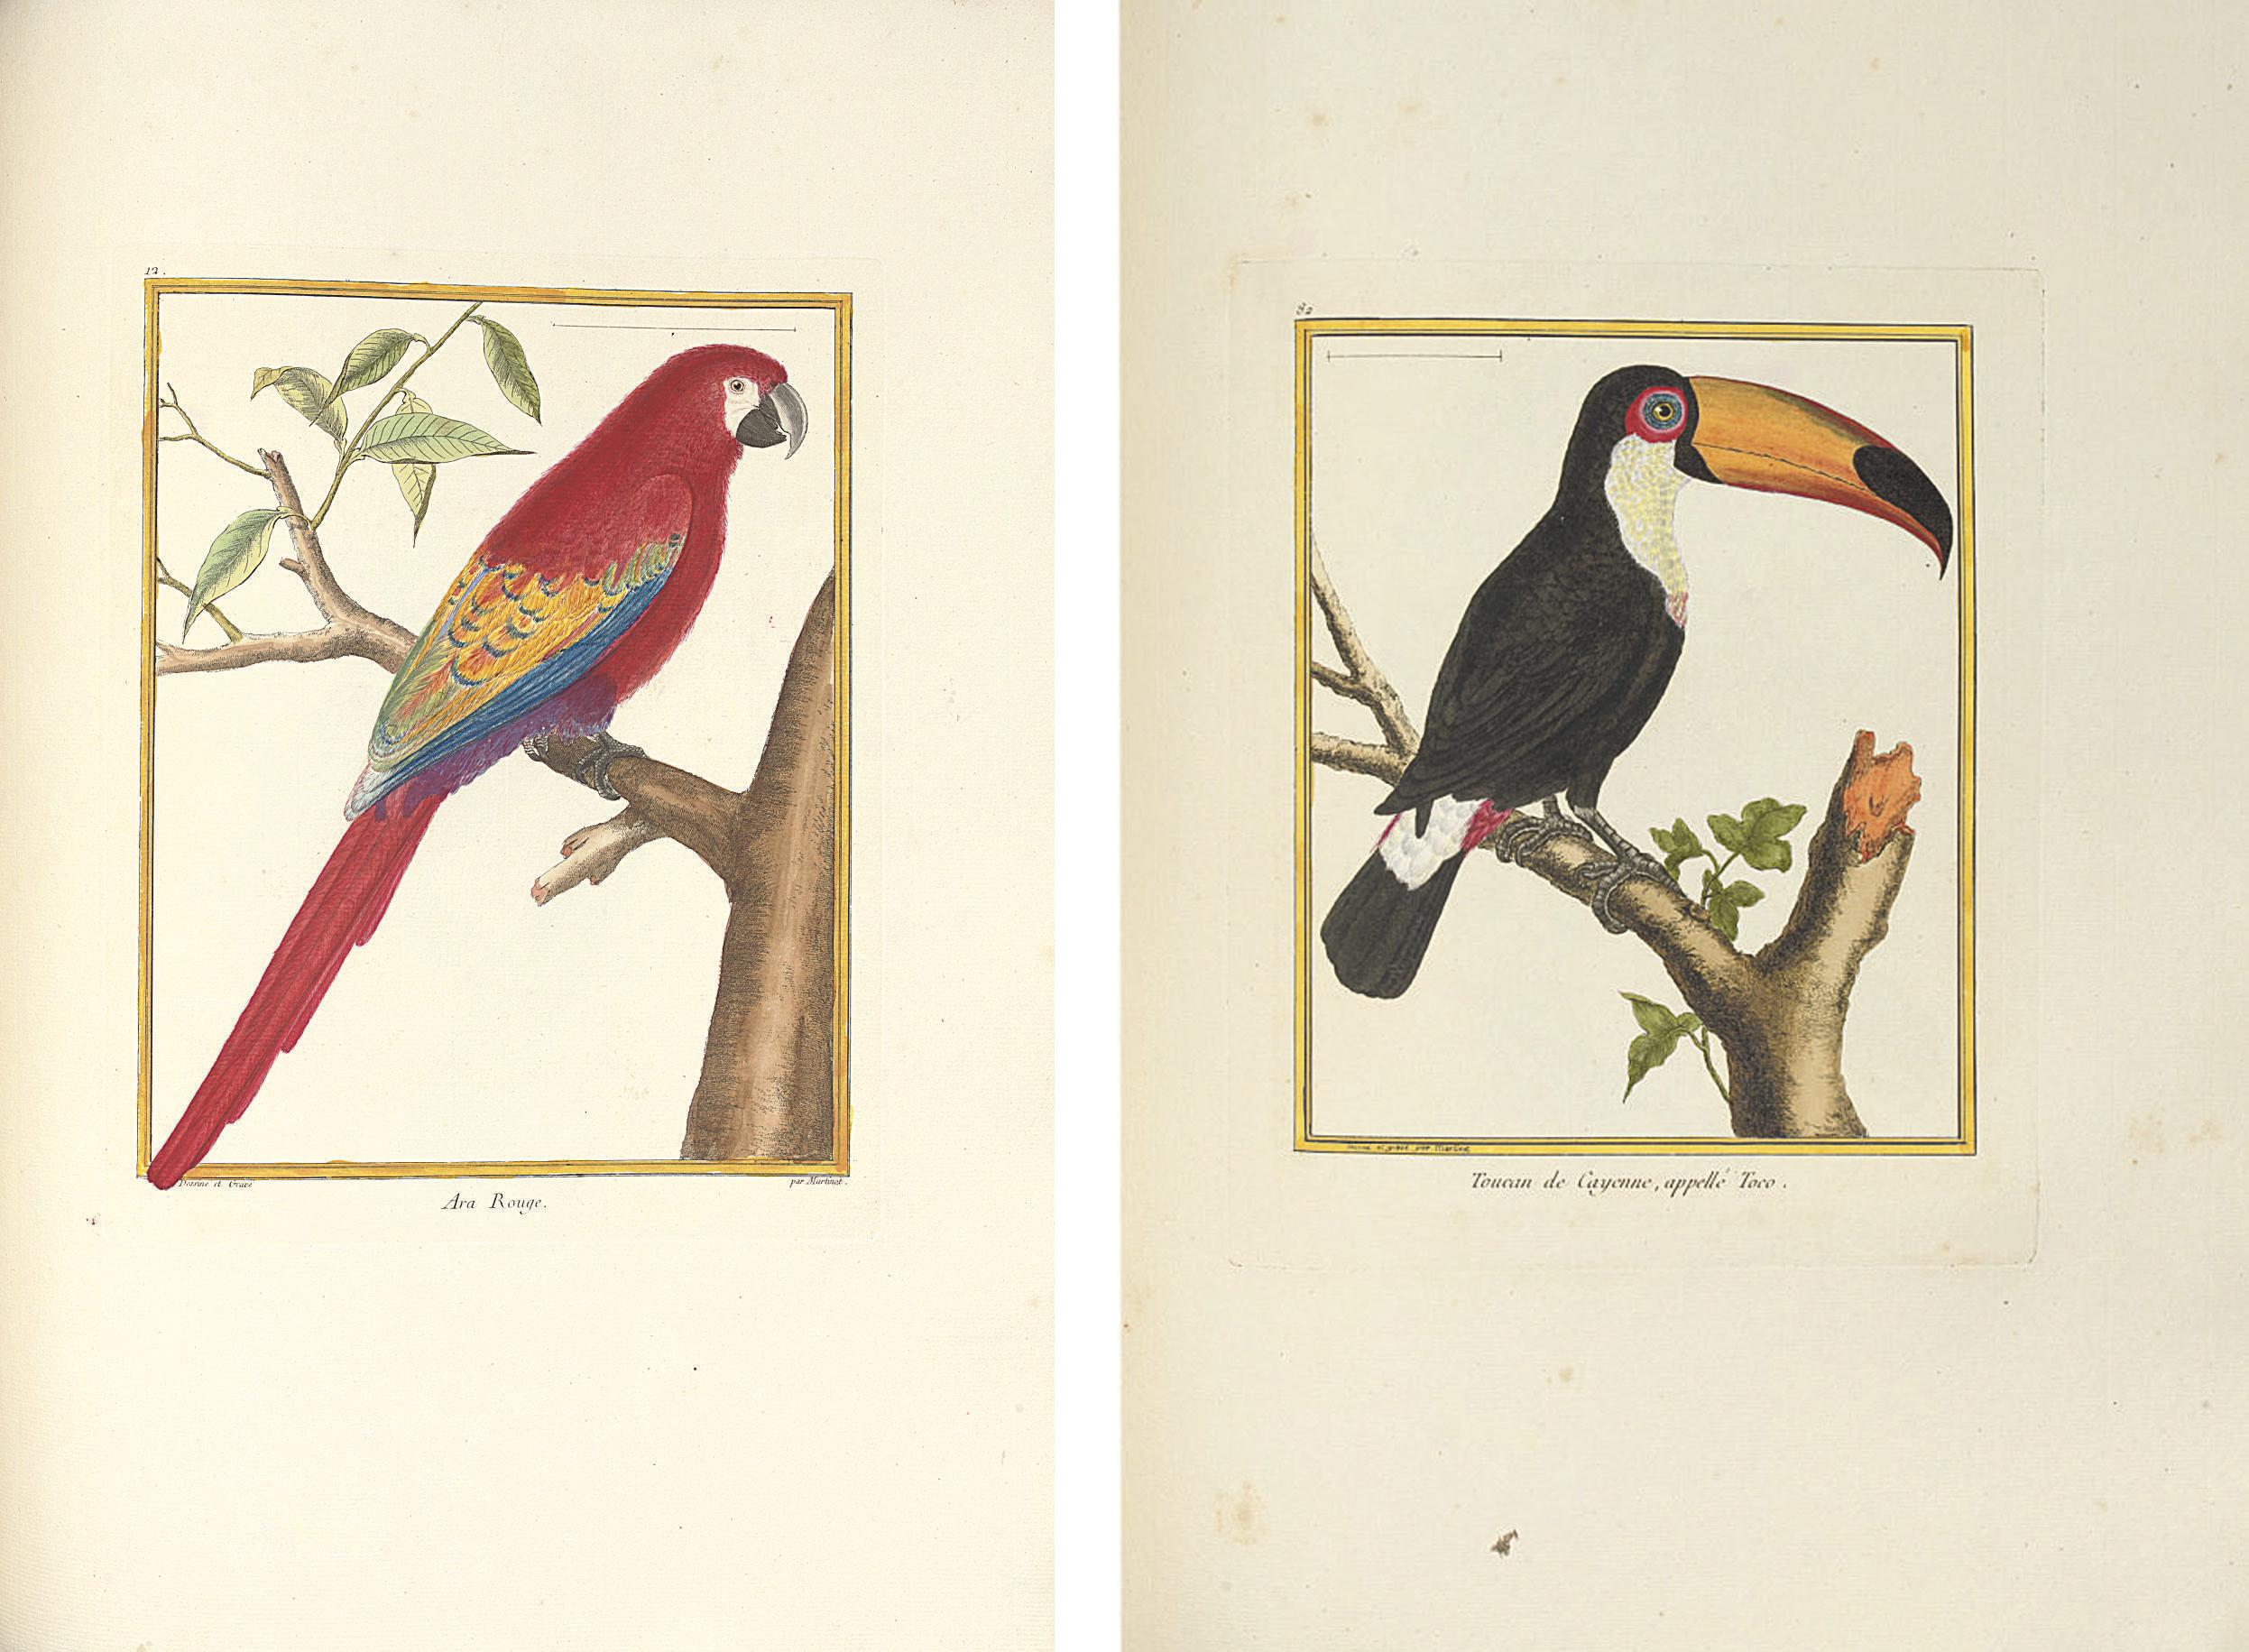 [BUFFON, Georges-Louis Marie Leclerc, comte de, (1707-1788) and François Nicholas MARTINET (c.1760-1800). Histoire Naturelle des Oiseaux. Paris: 1770-1786.]